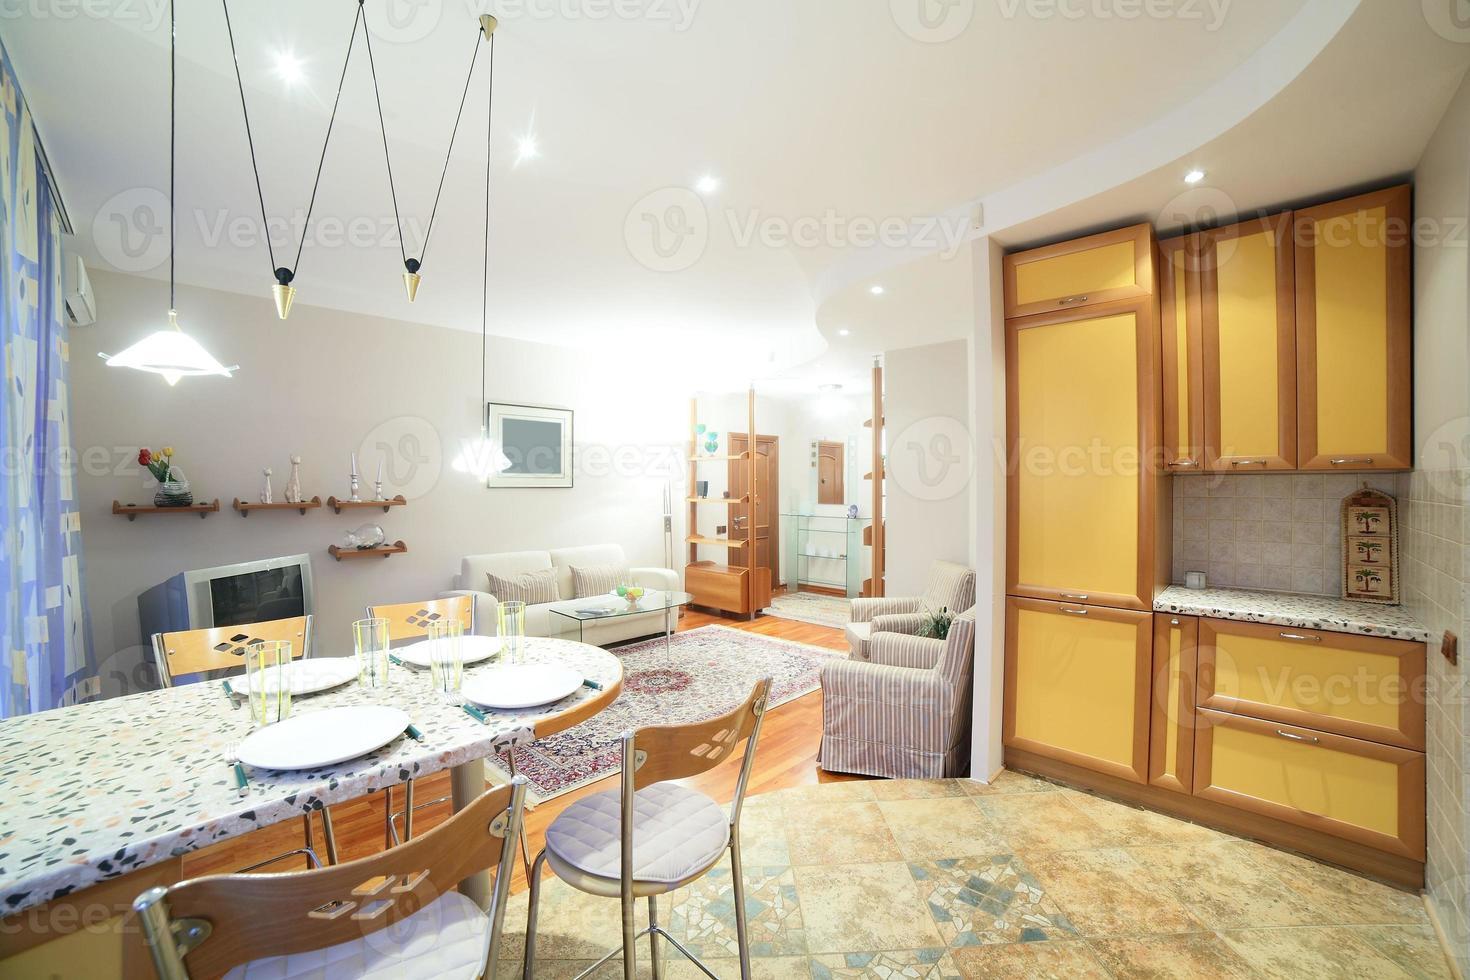 licht interieur van woonkamer foto